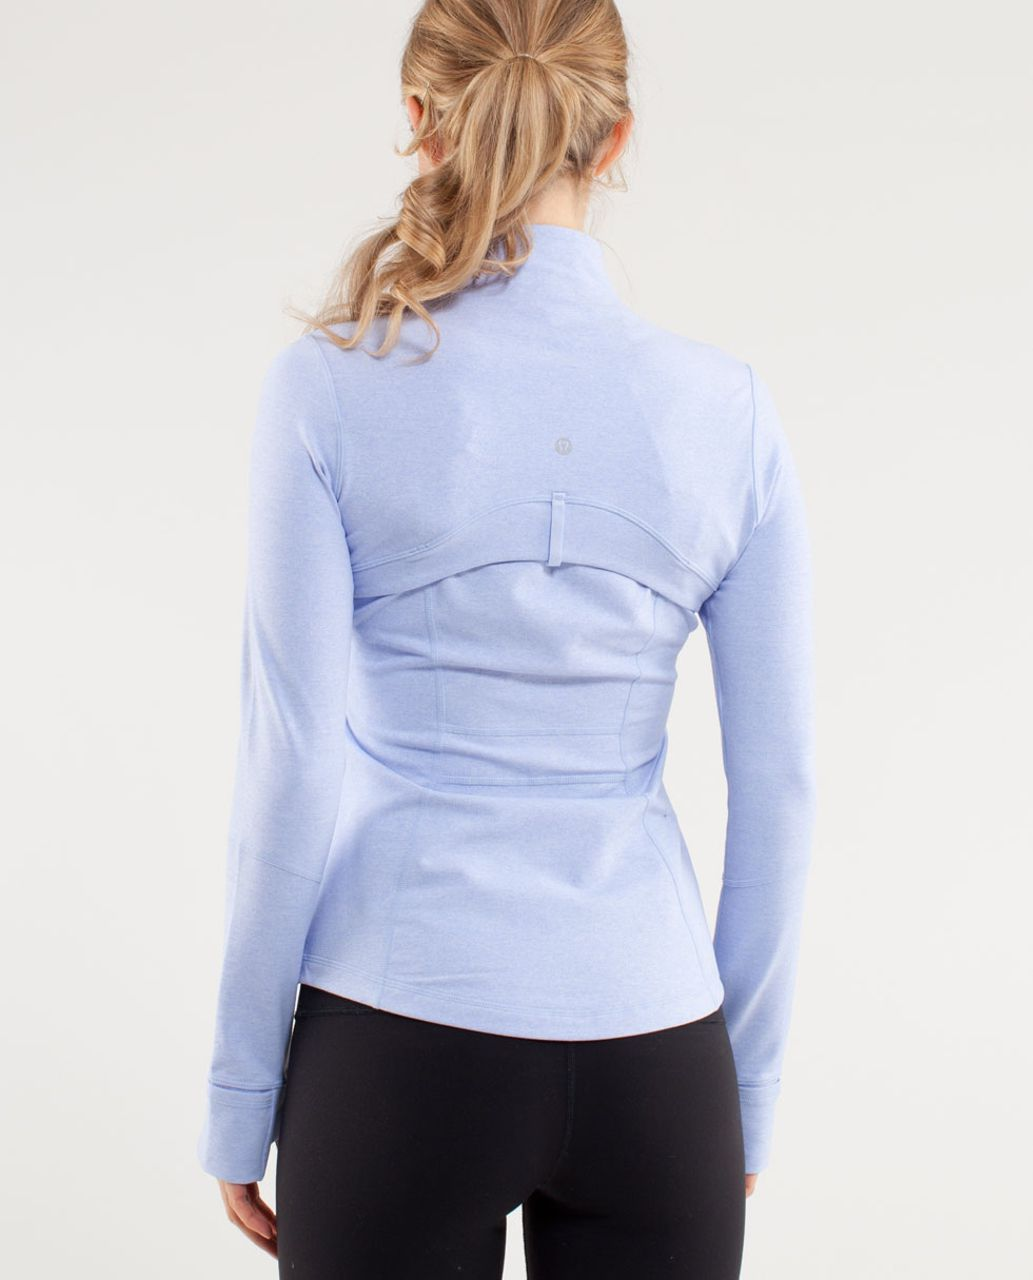 Lululemon Define Jacket - Heathered Lavender Dusk